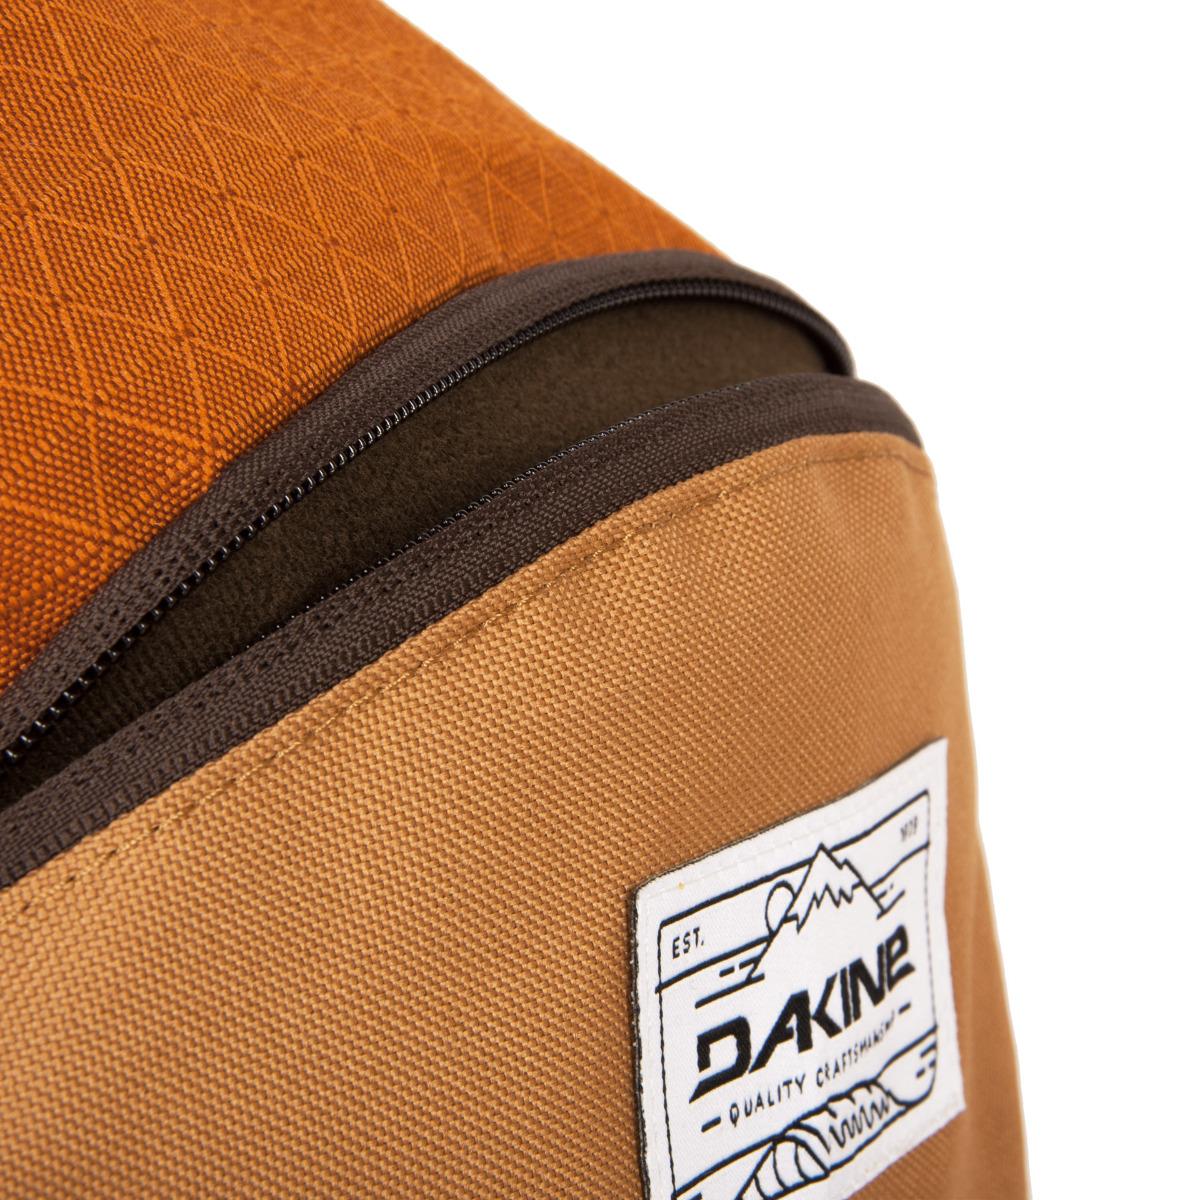 Dakine Campus 33L Copper Obľúbený študentský batoh v nových farbách!  - čalúnené vrecko na notebook - vnútorné chladiace vrecko na prednom paneli batoha - zabudovaný organizér - fleecové vrecko na slnečné okuliare - bočné sieťované vrecká - nastaviteľný hrudný popruh  Materiály: 600D Polyester  600D Polyester Ripstop (Loden) 600D Polyester Heather (Strata)  600D Recycled PET (Verde)